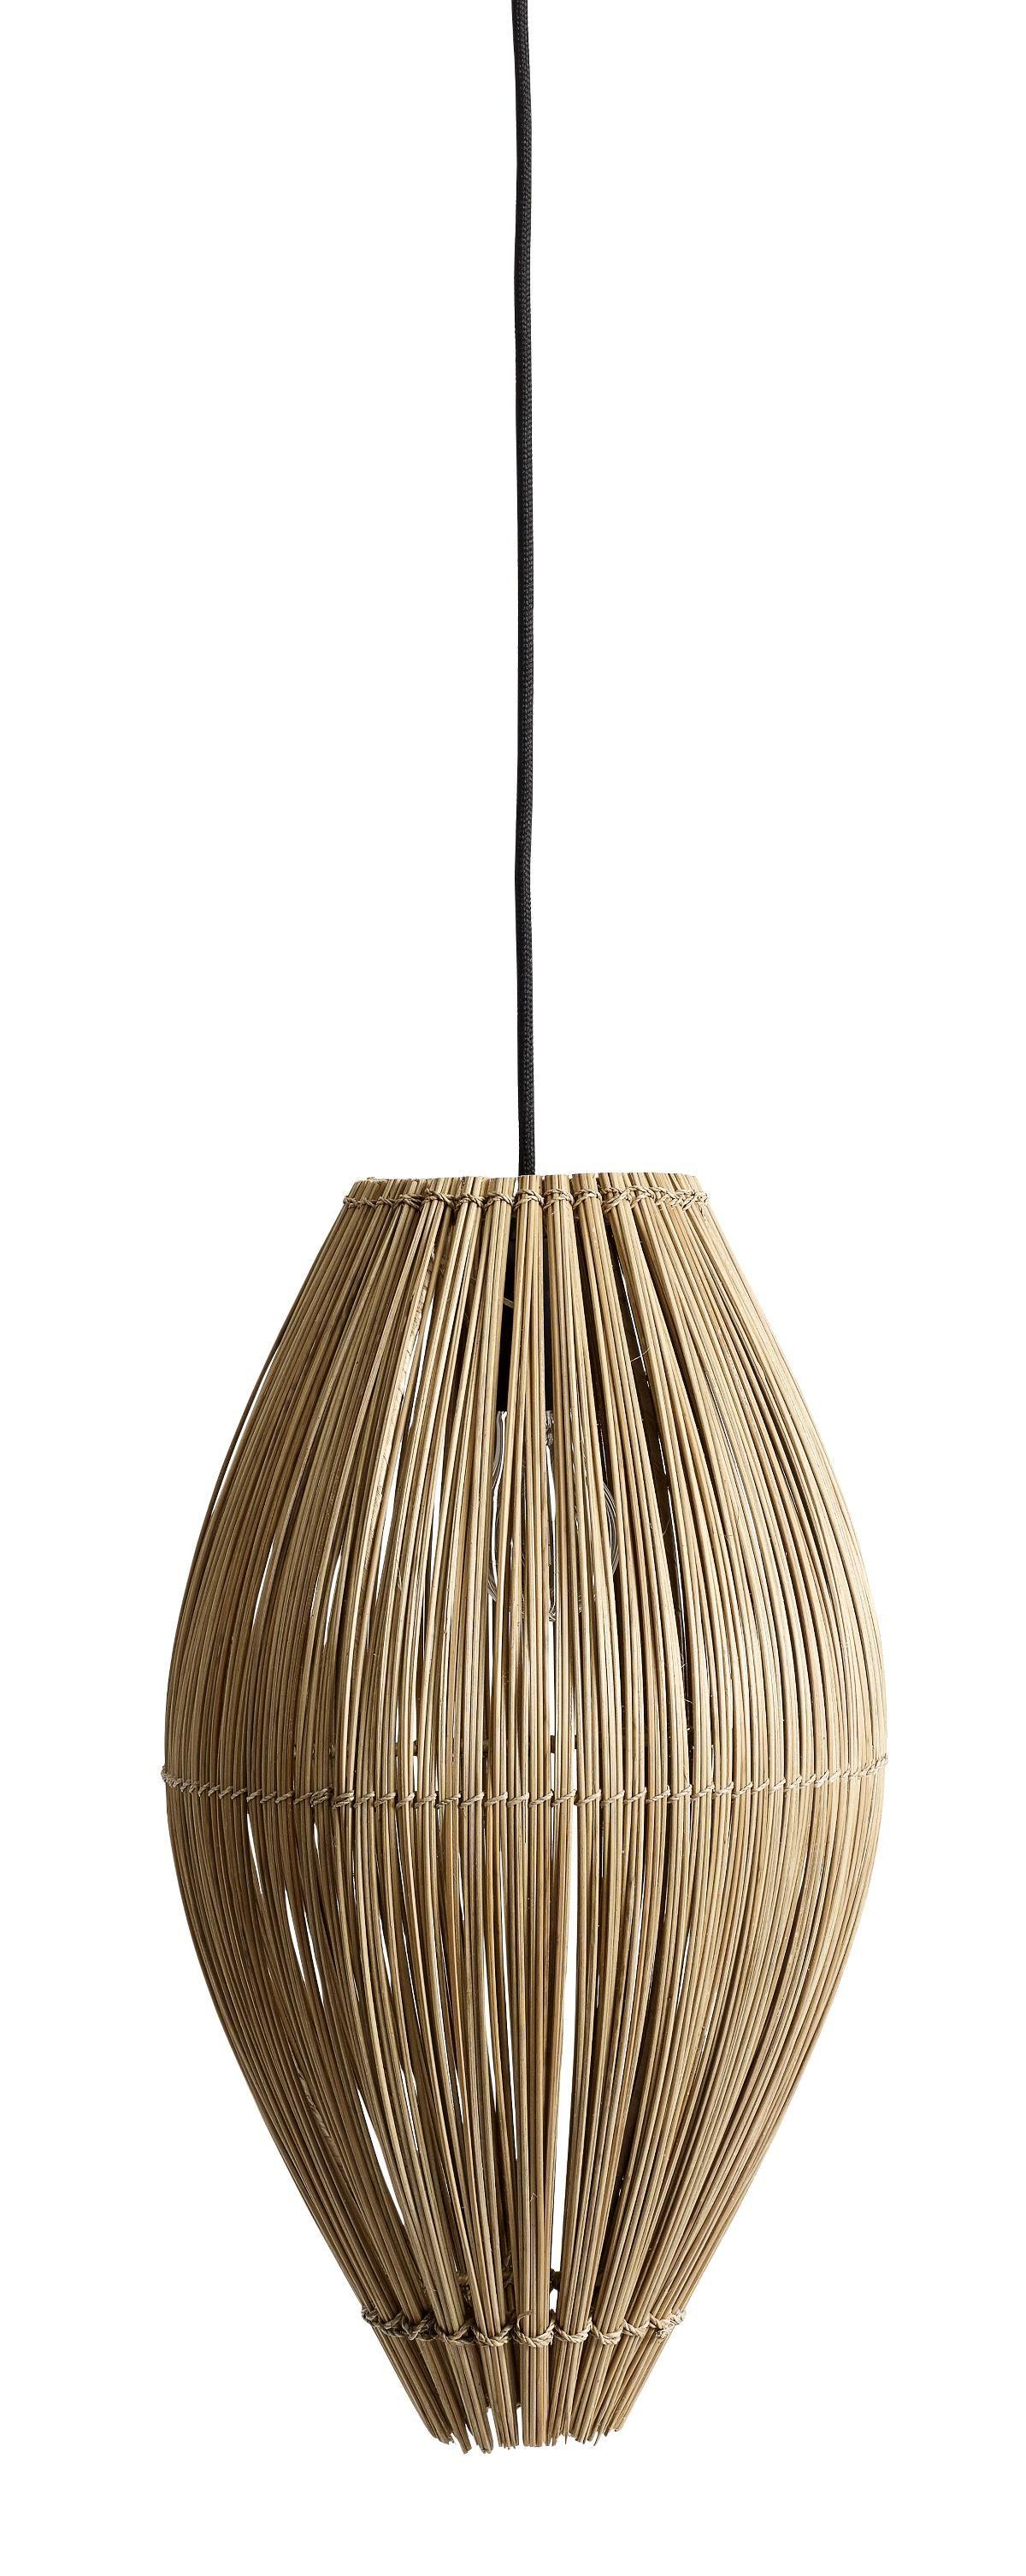 Lamp Fishtrap Medium Con Imagenes Iluminacion